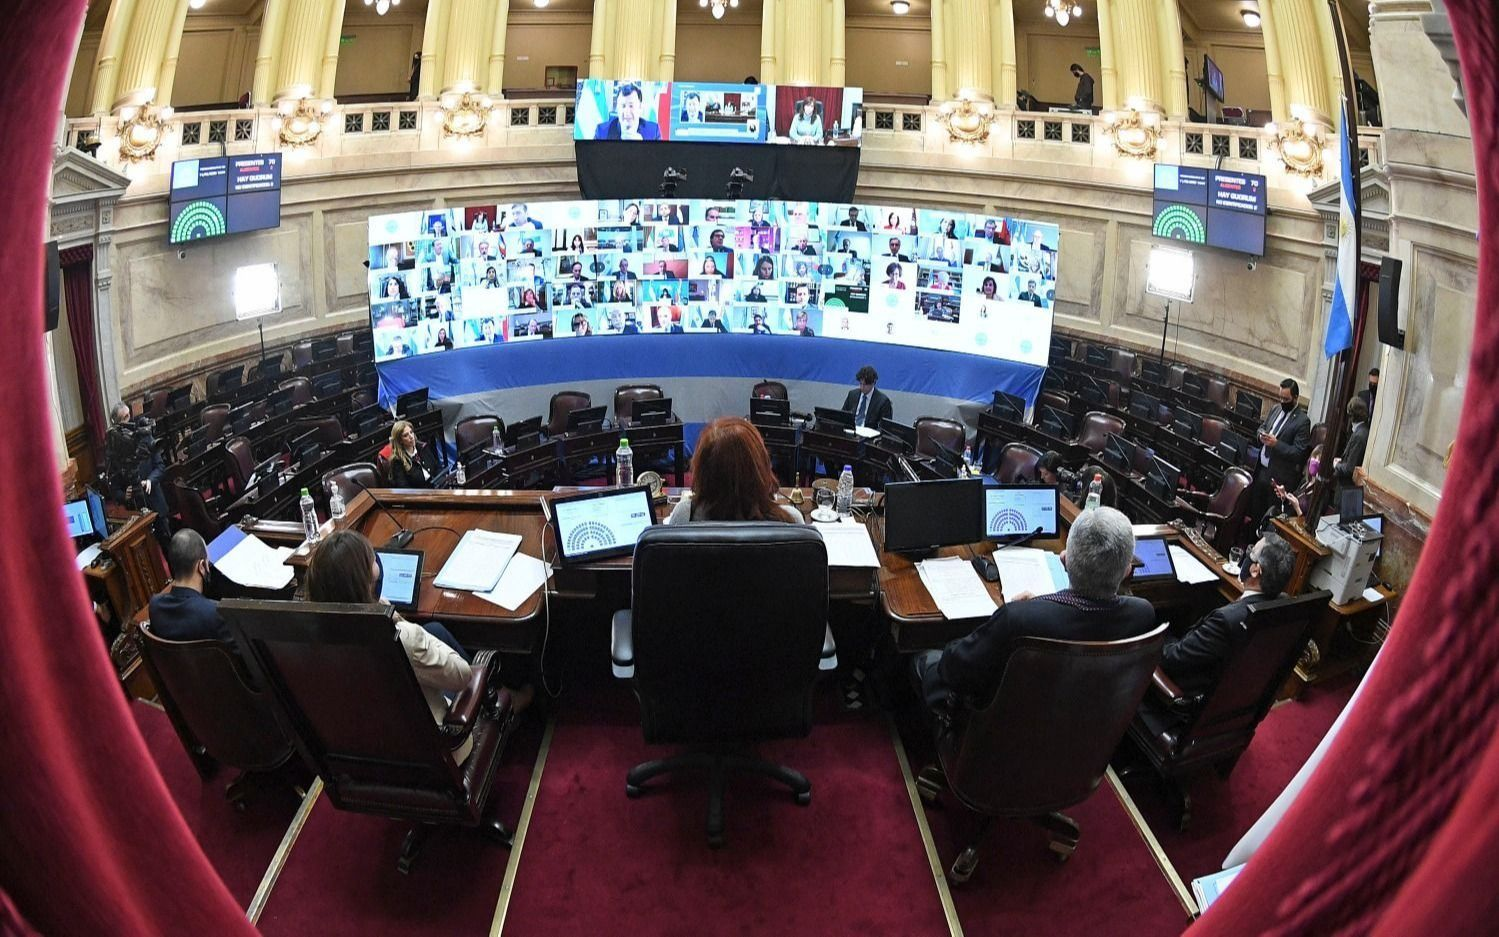 El kirchnerismo acuerda cambios en el proyecto de ley para gestionar la pandemia